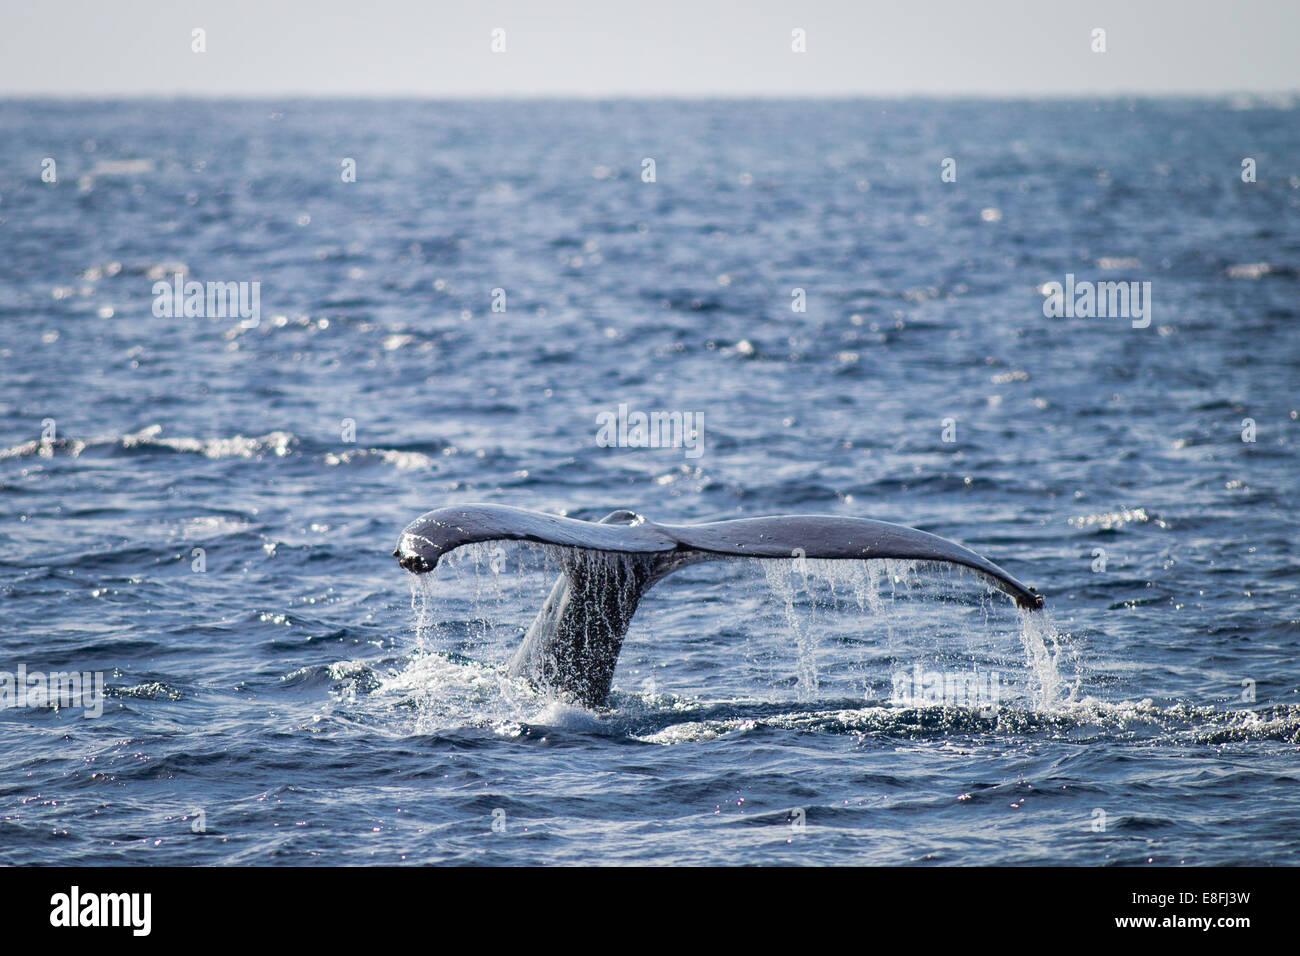 Queue de baleine éclaboussures, Okinawa, Japon Photo Stock